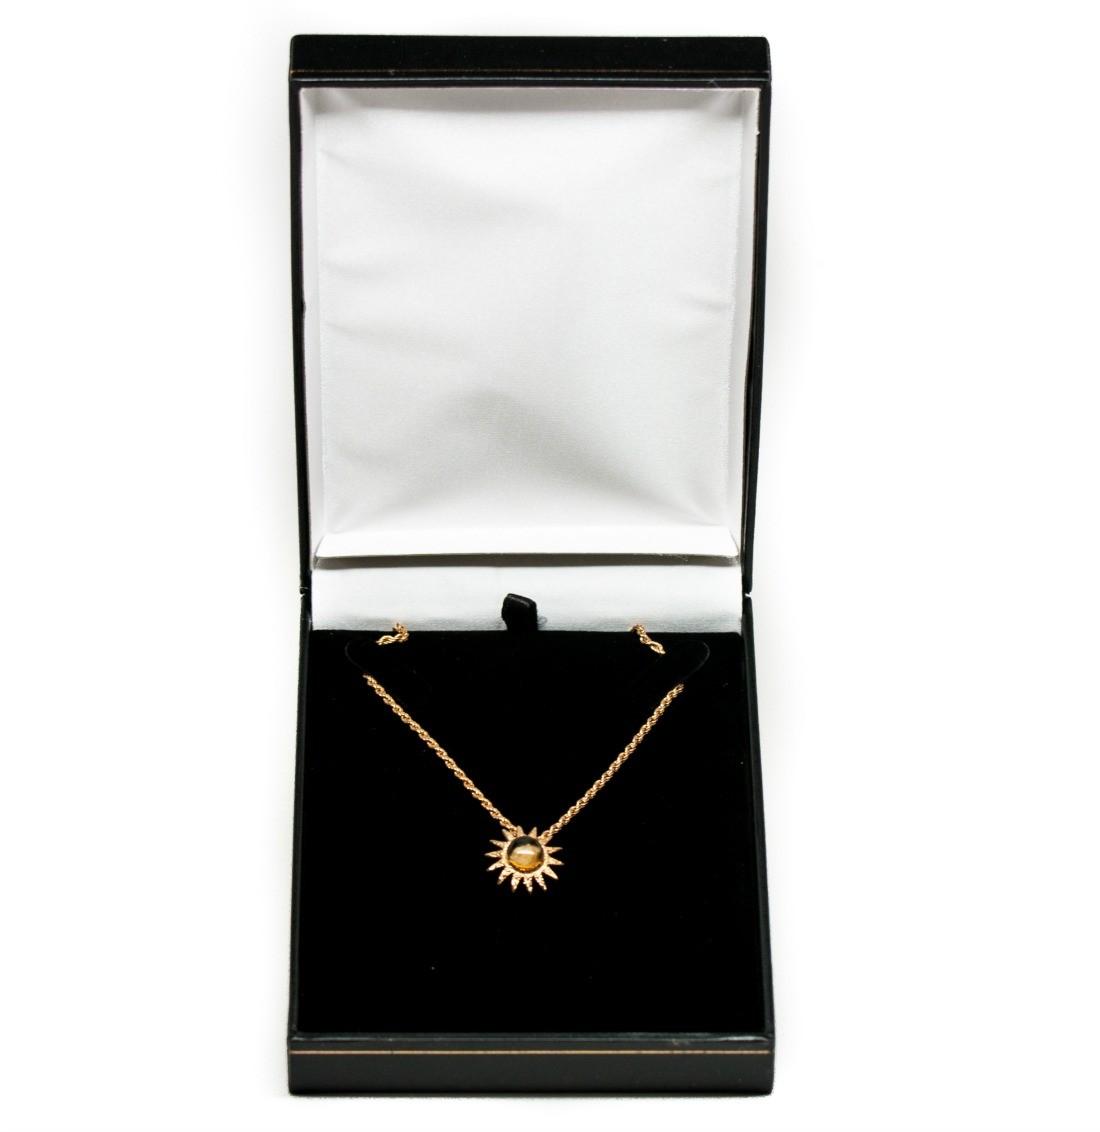 Z Nativity Stones Necklace Gift Box